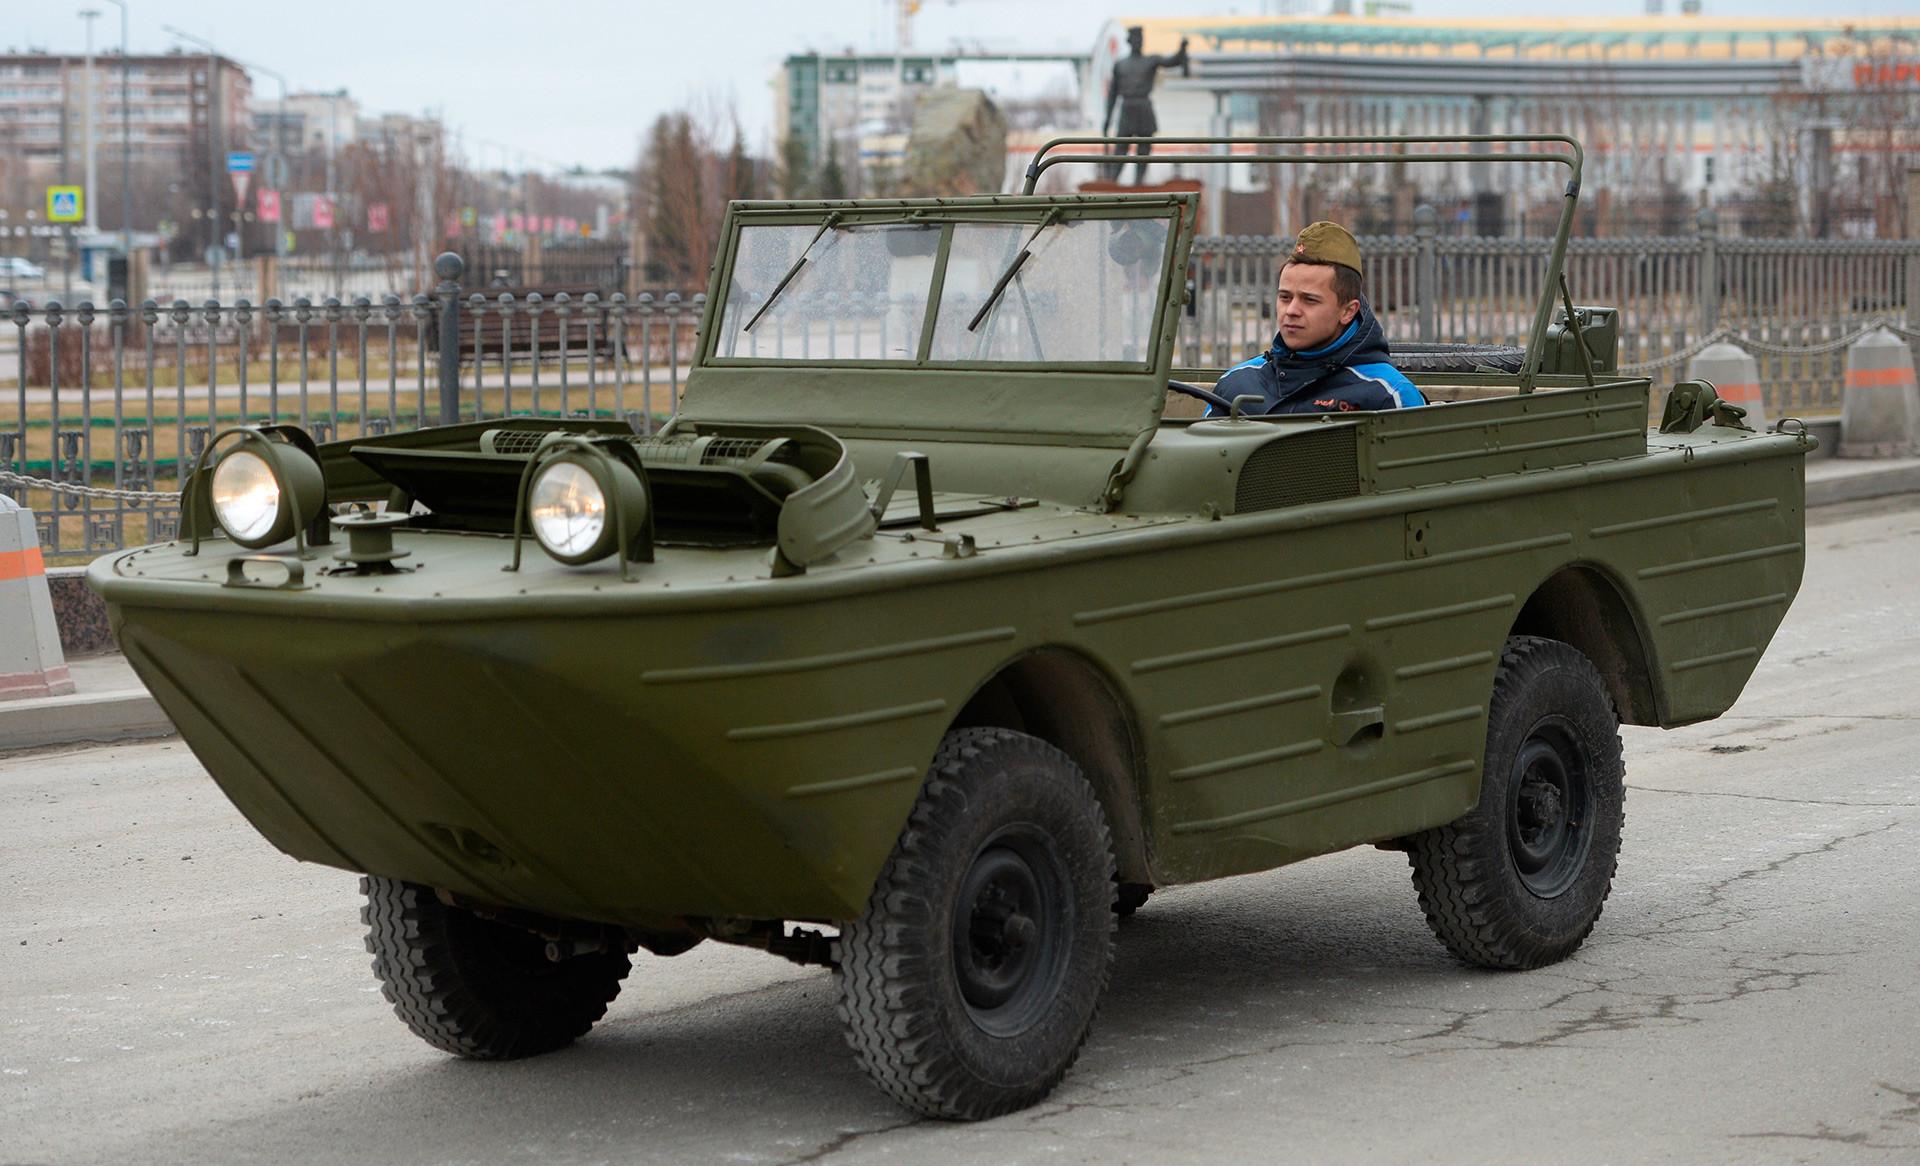 Плаващият автомобил ГАЗ-46 на репетиция за военния парад по повод 73-годишнината от победата във Великата отечествена война в гр. Верхная Пимша в Свредловска област.